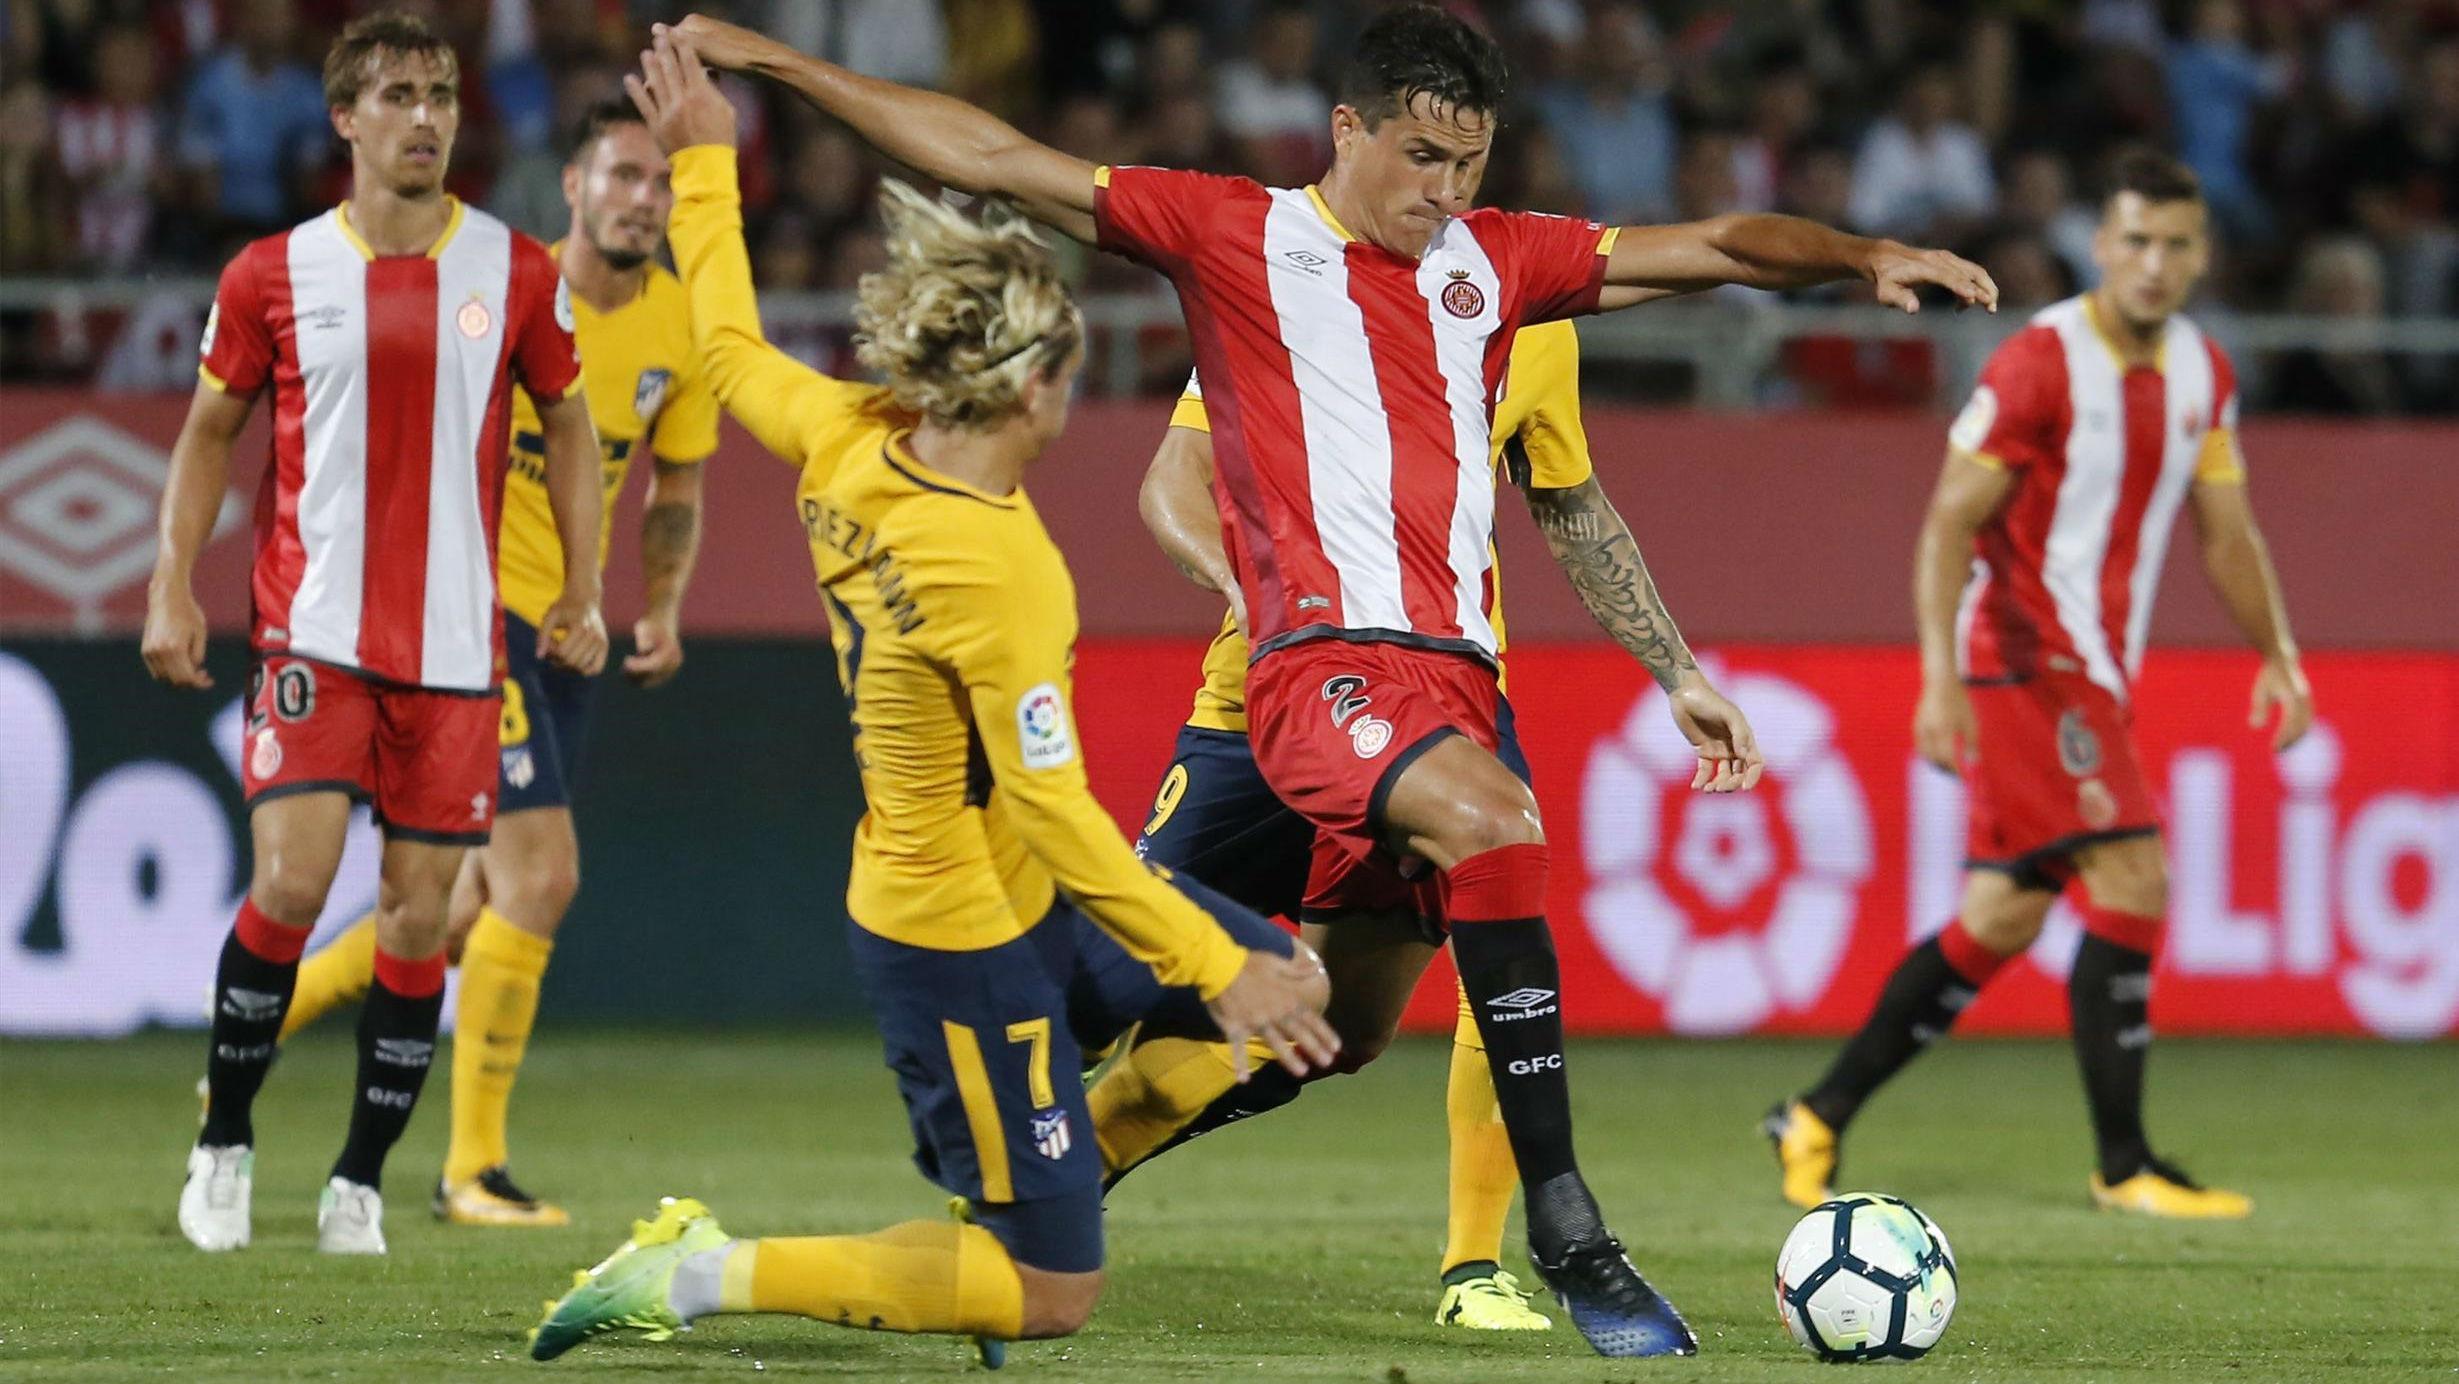 Vídeo resumen: Girona - Atlético (2-2). Jornada 1, Liga Santander 17/18